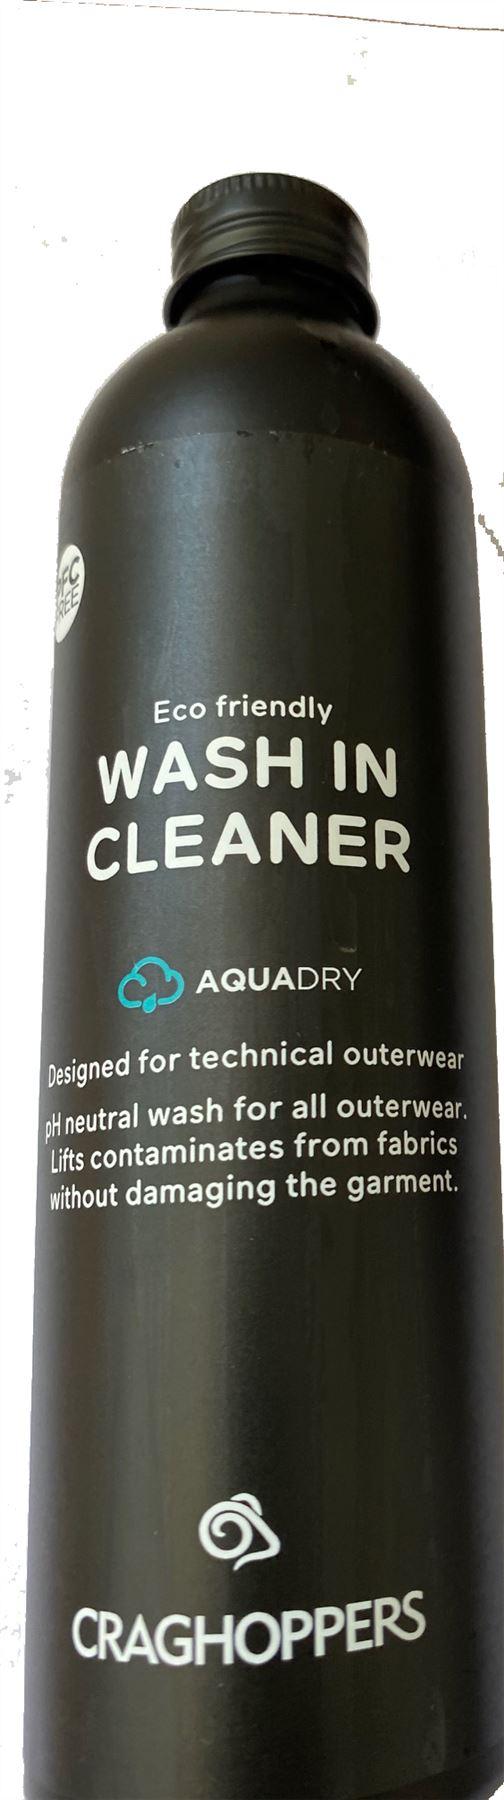 miniatuur 4 - Craghoppers Eco Wash In Cleaner 225ml Waterproof Waterproofer